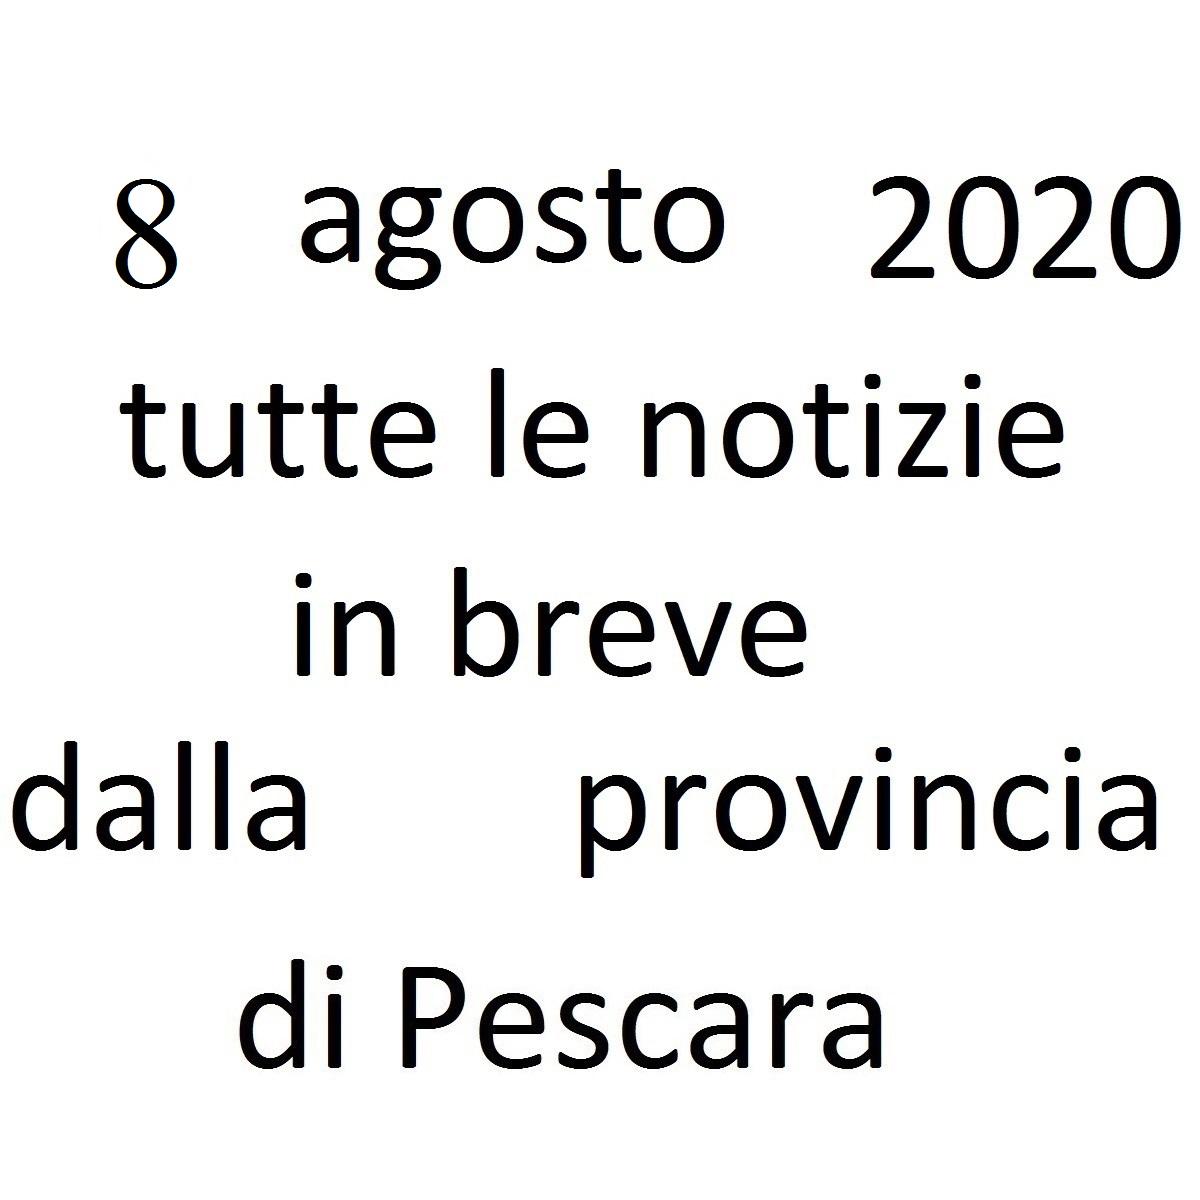 8 agosto 2020 notizie in breve dalla Provincia di Pescara foto